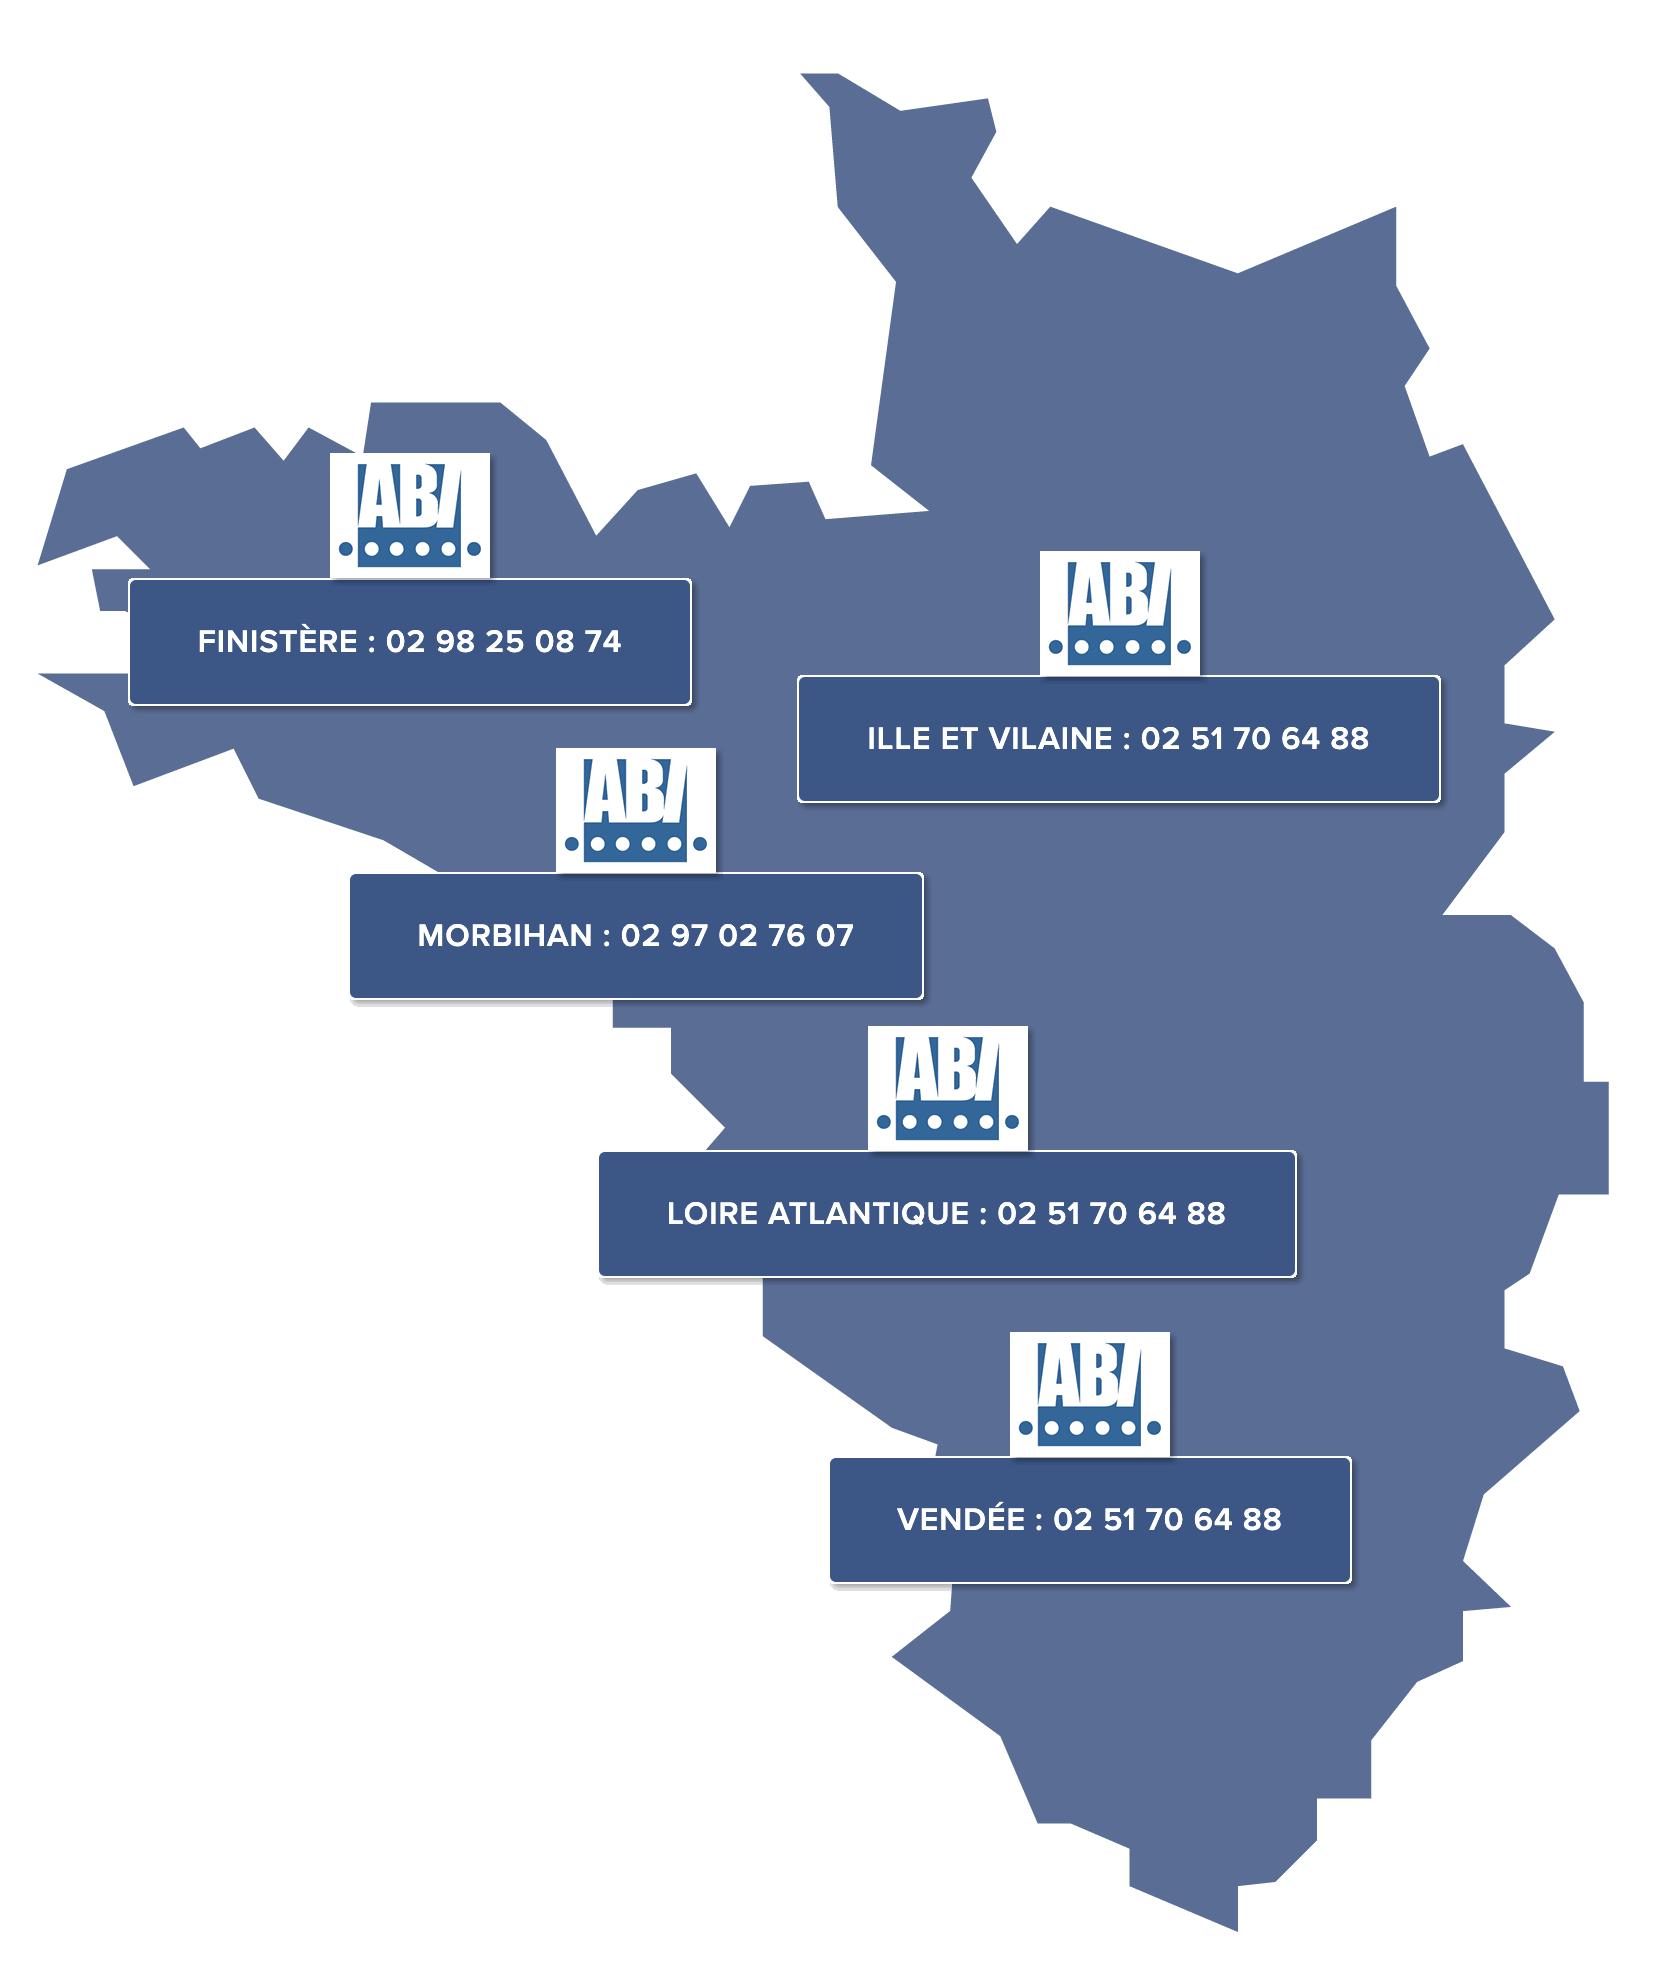 Agences et Bureaux de la société ABI Humidité en Bretagne et Pays de Loire